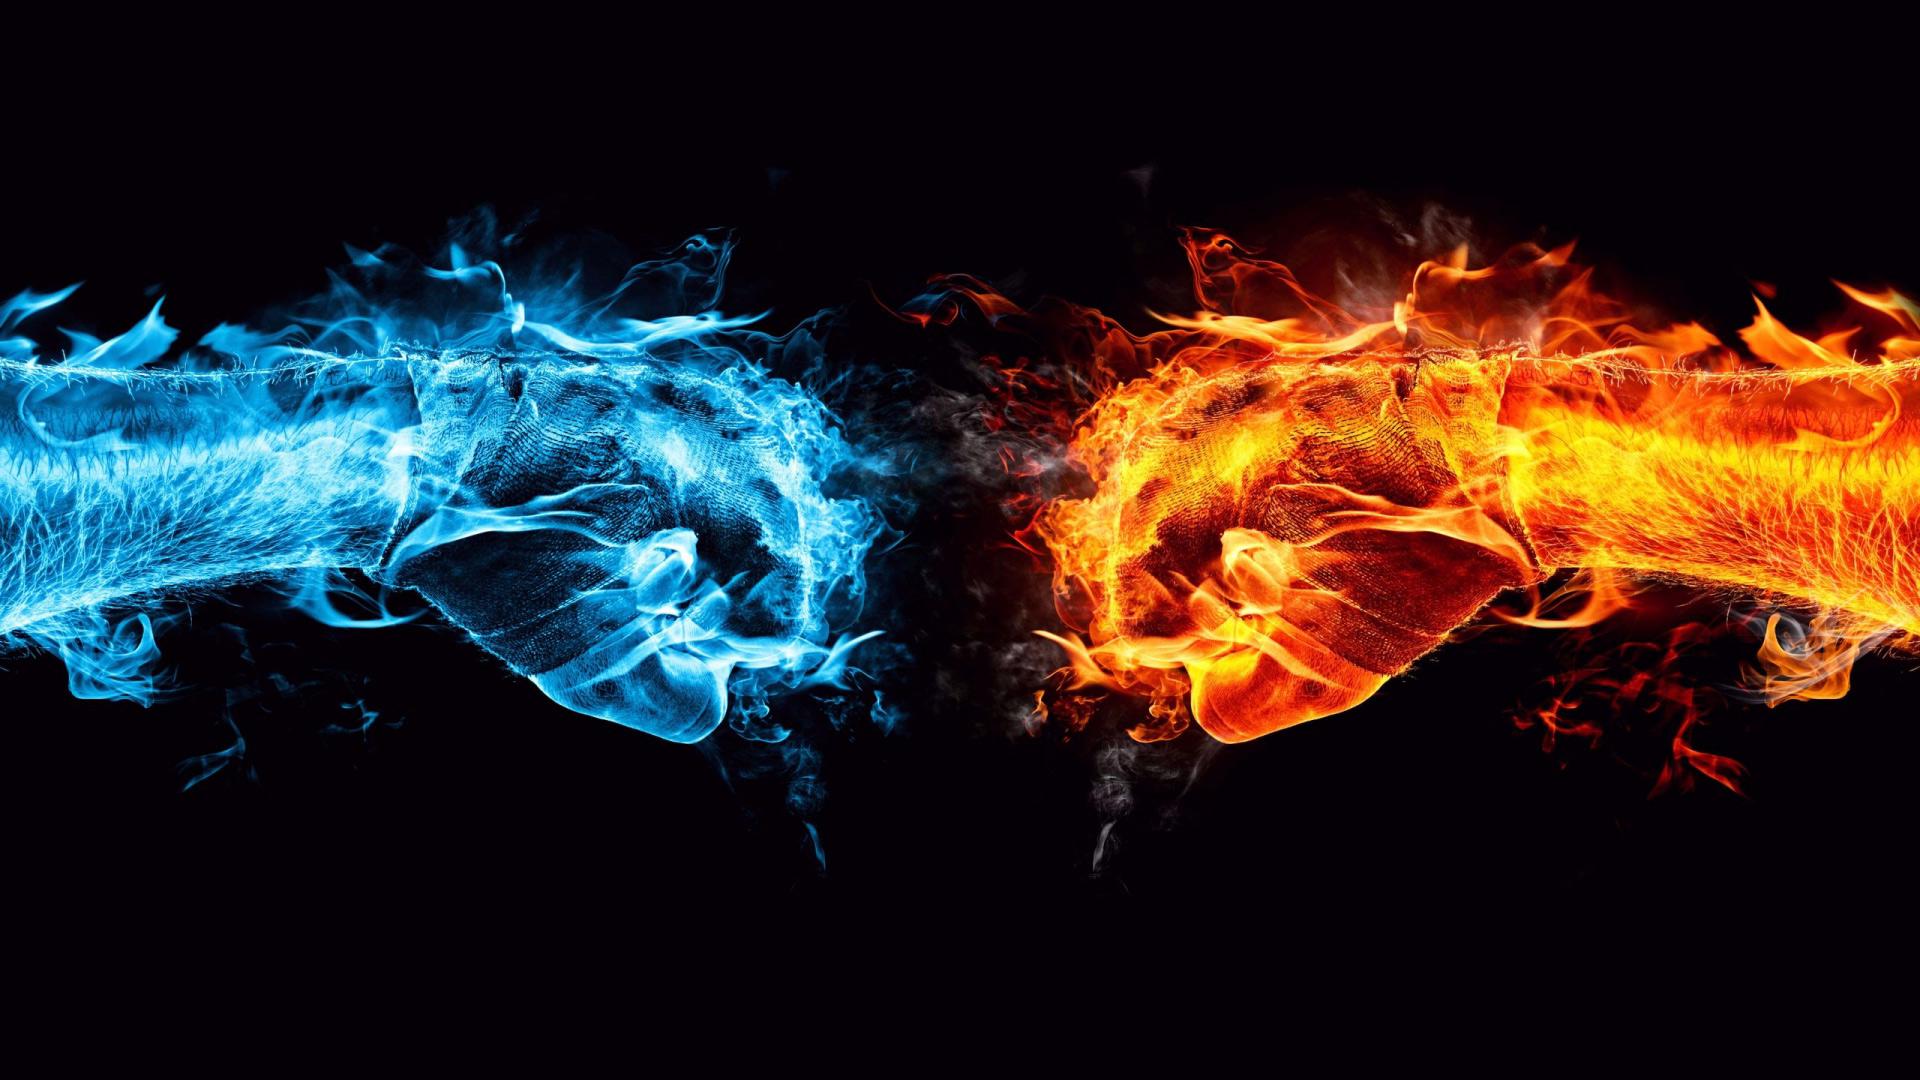 Обои огонь против воды для рабочего